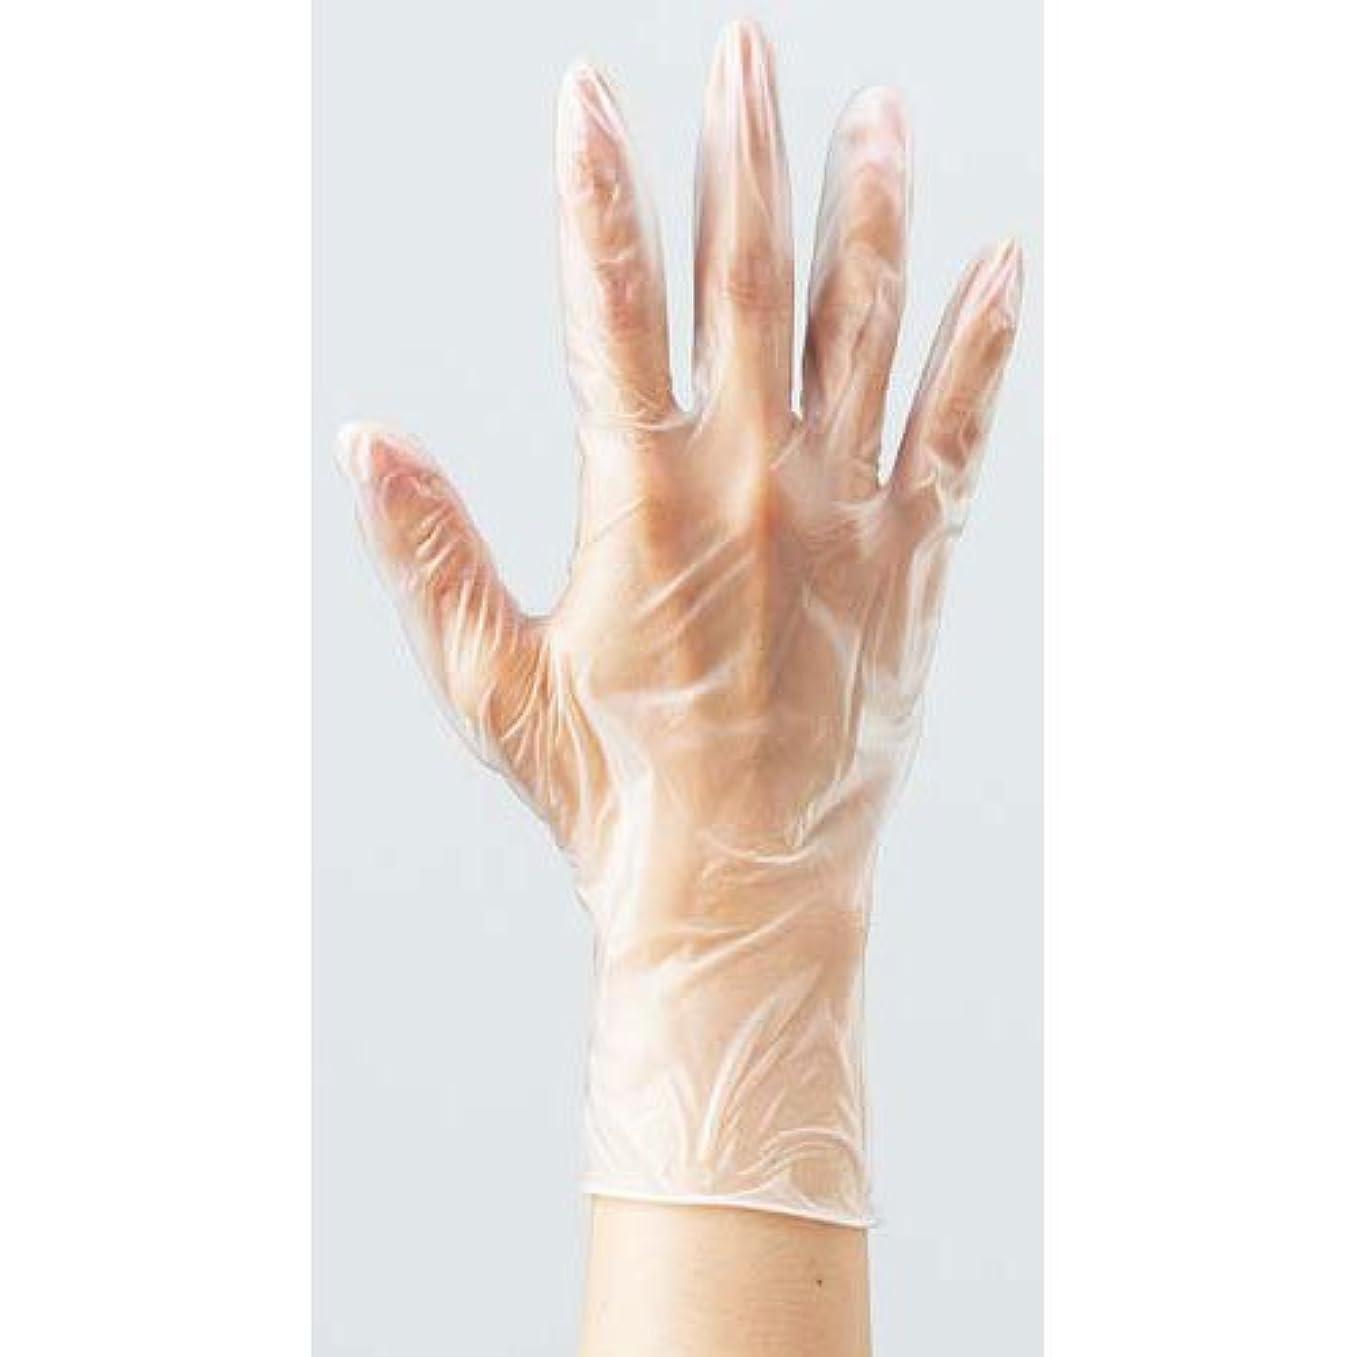 職人溶ける出身地カウネット プラスチック手袋 袋入 粉付M 100枚